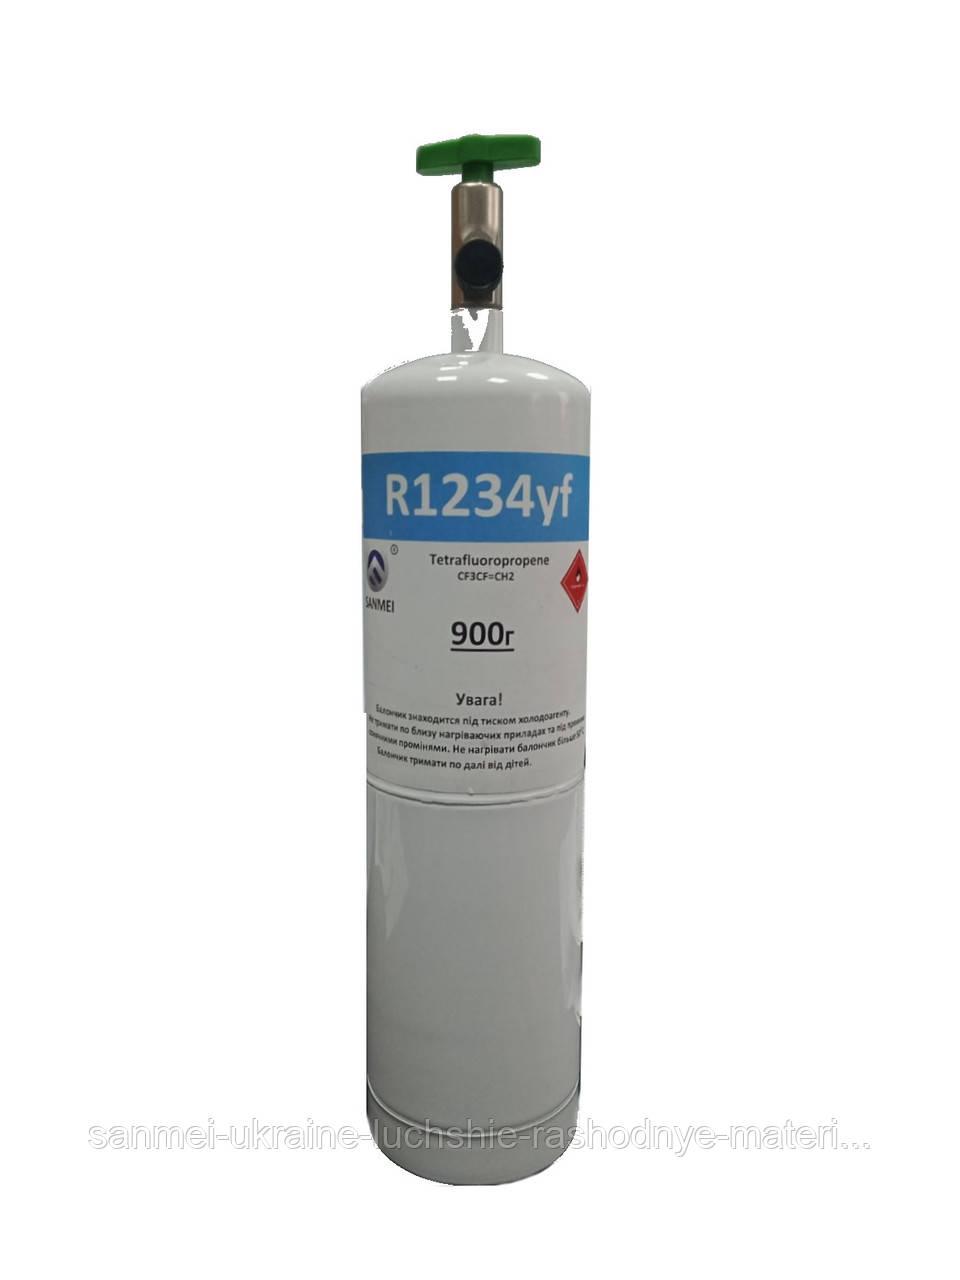 Фреон R1234yf (0,9kg)